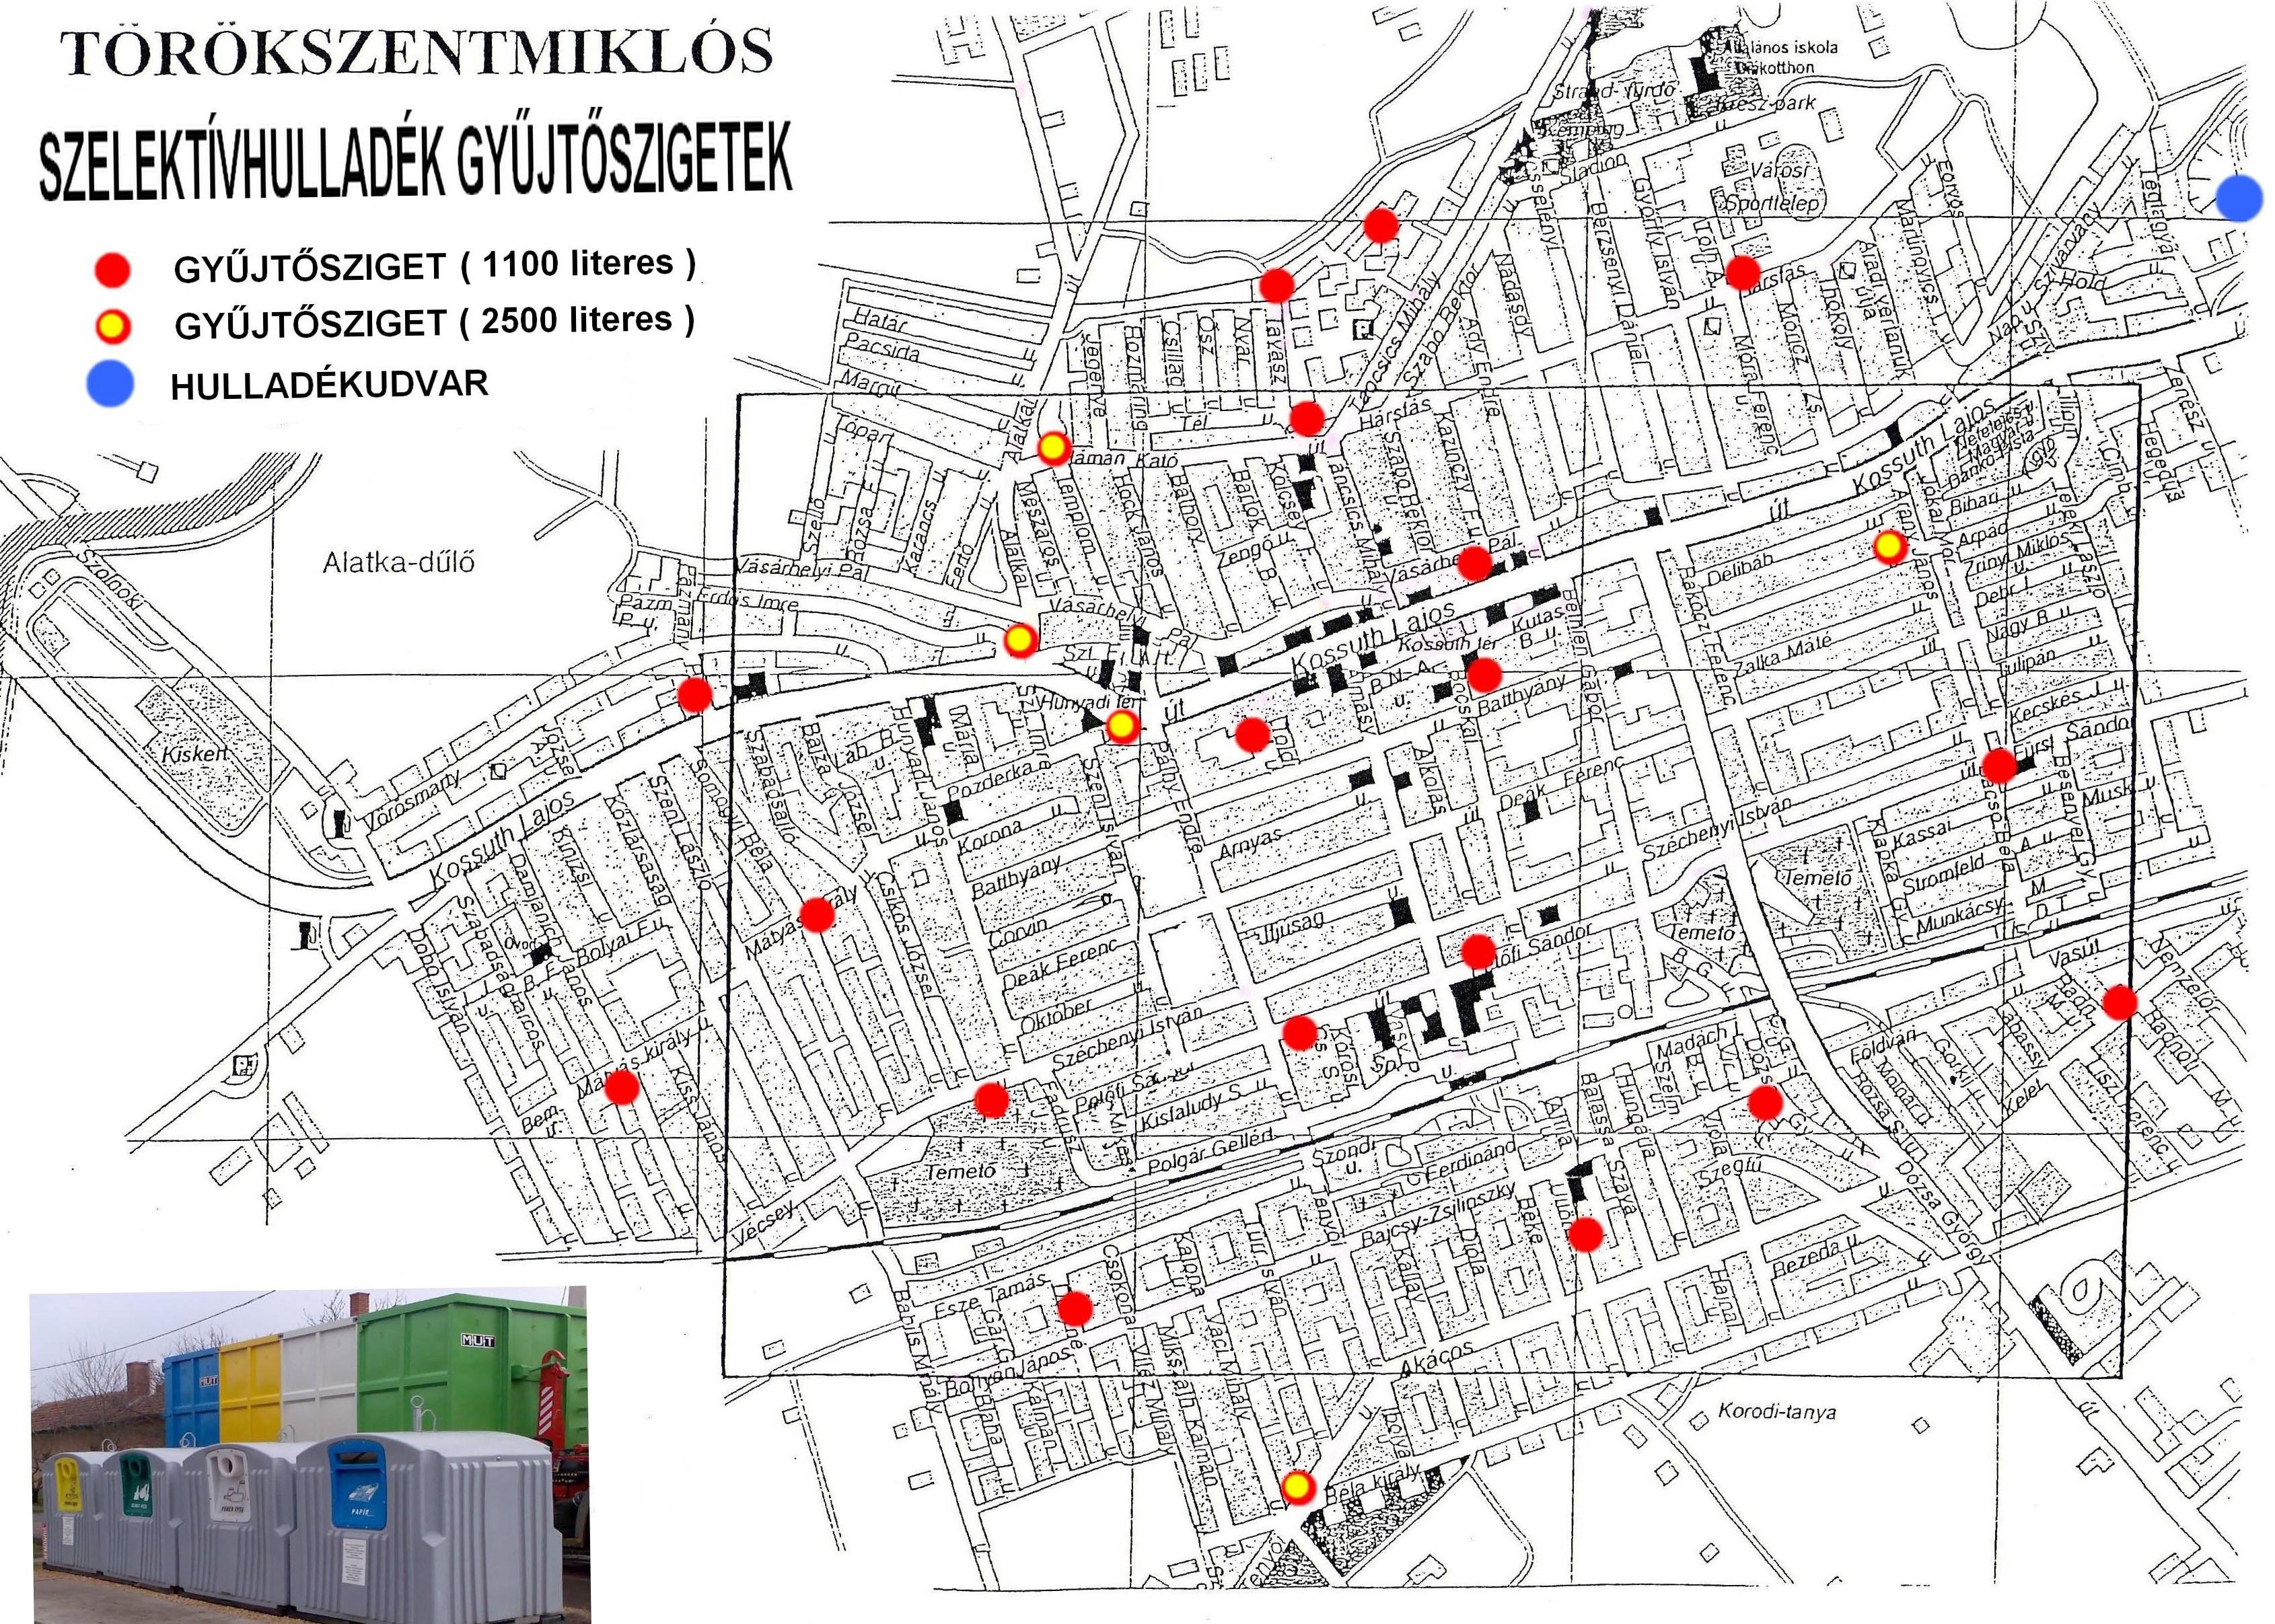 törökszentmiklós térkép Gyüjtőszigetek törökszentmiklós térkép